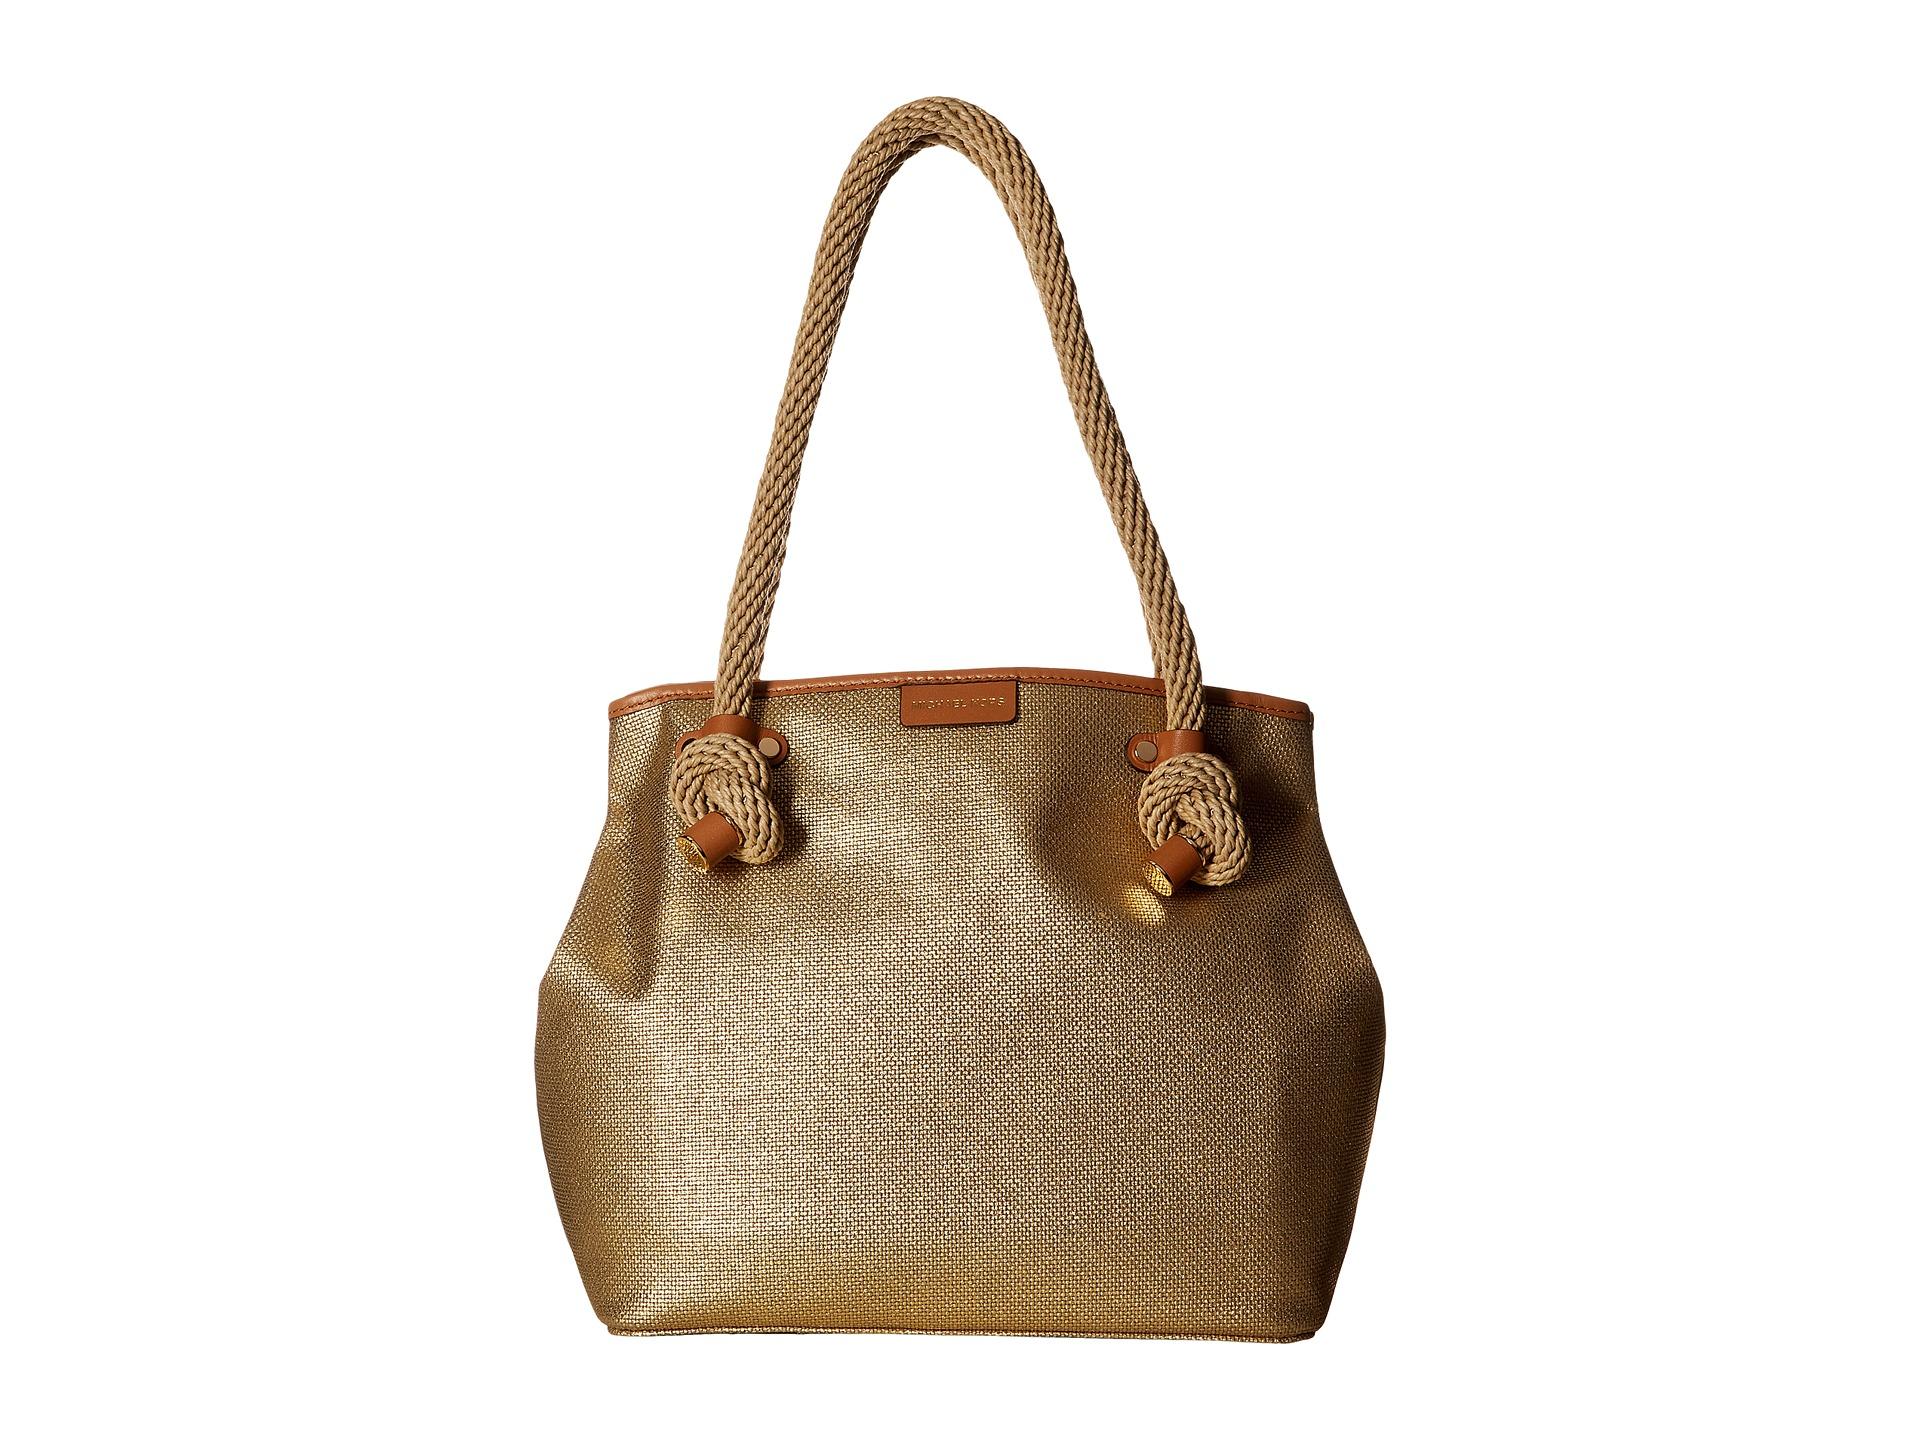 Michael Kors, Bags, Women at 6pm.com